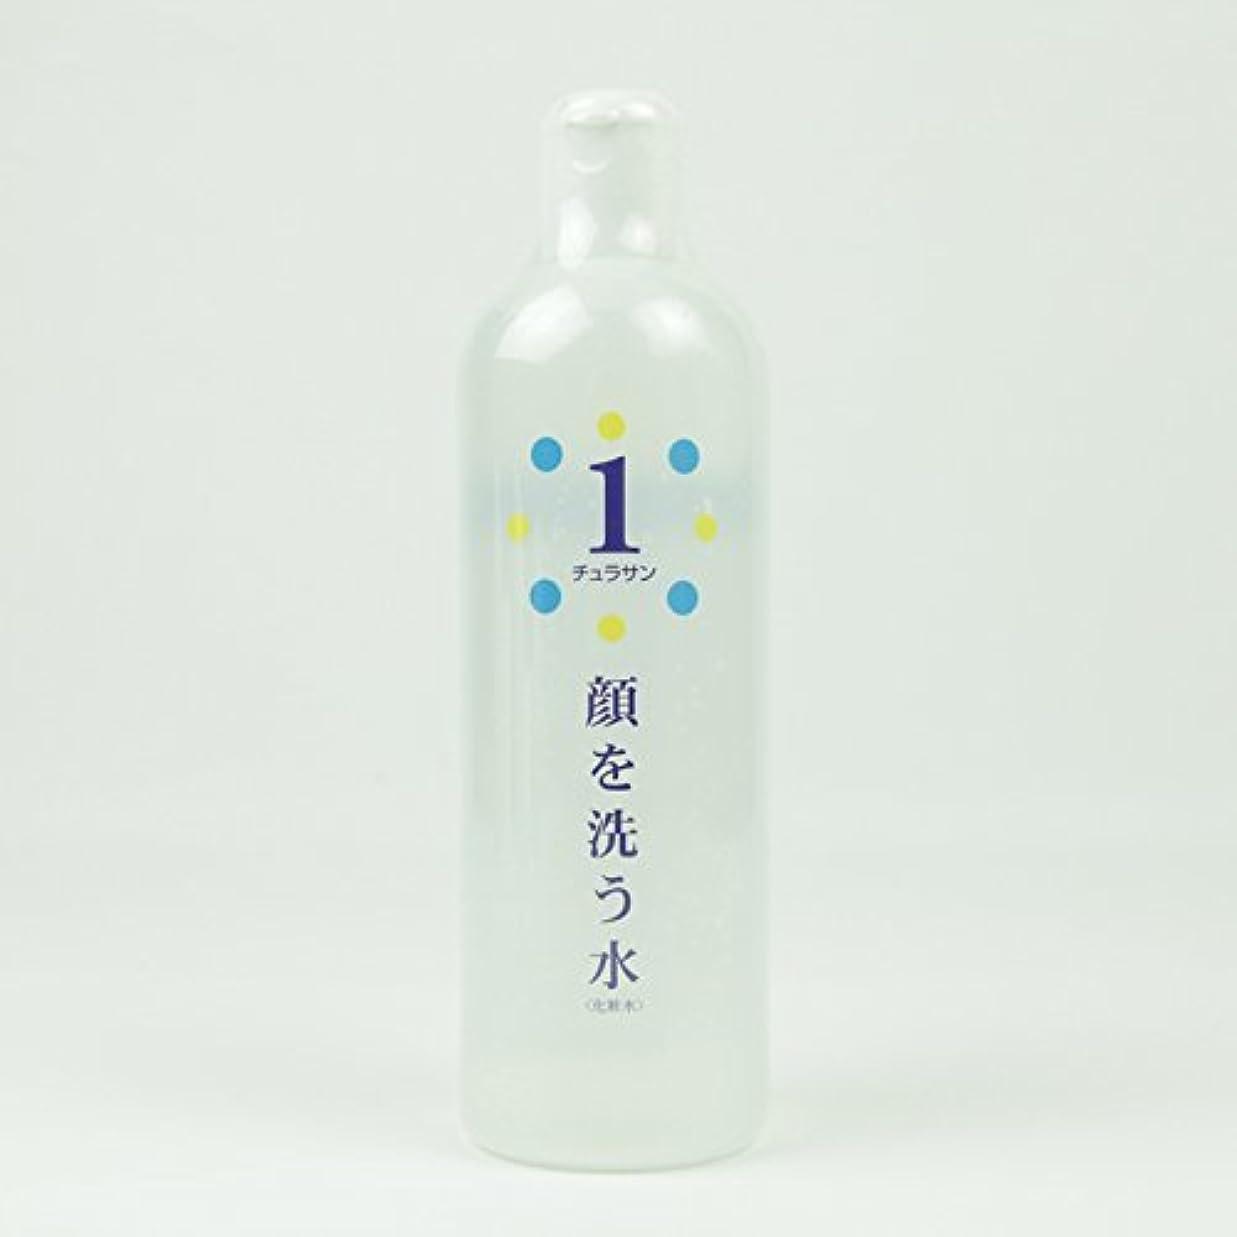 すり減る危険にさらされている女性チュラサン1 【顔を洗う水】 500ml